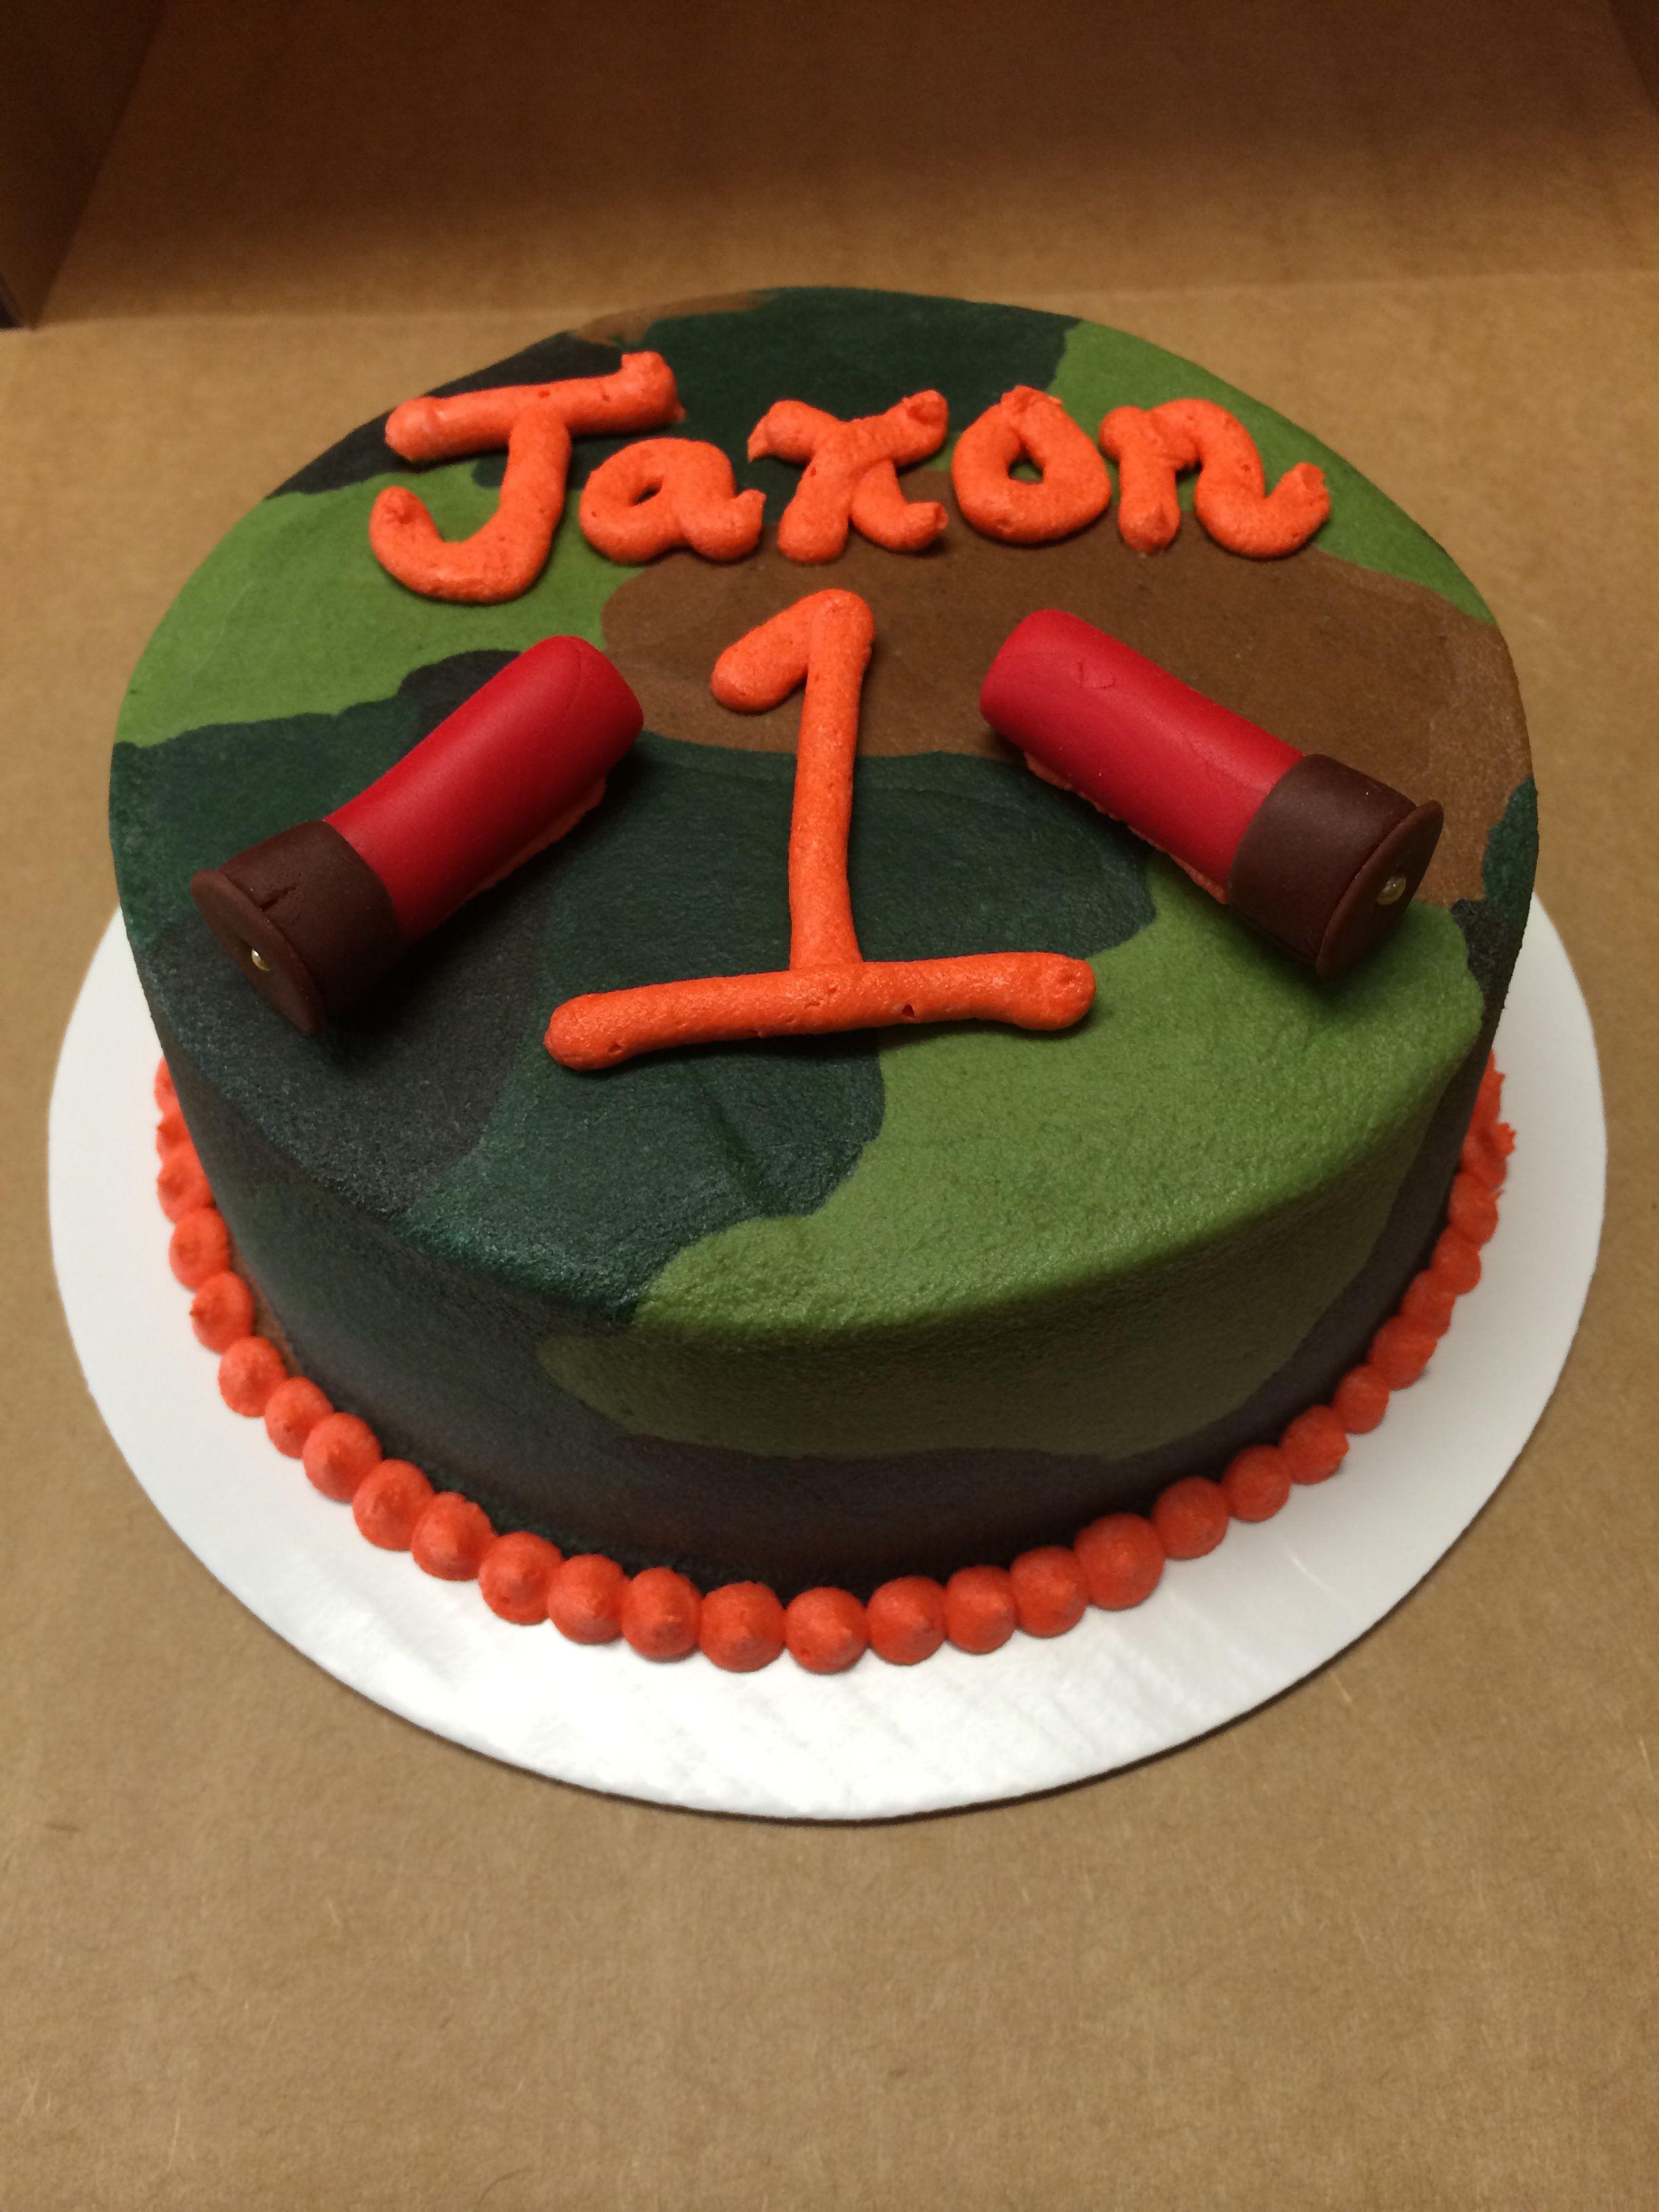 One Year Old Camo Smash Cake Cakes I Have Made Pinterest Smash